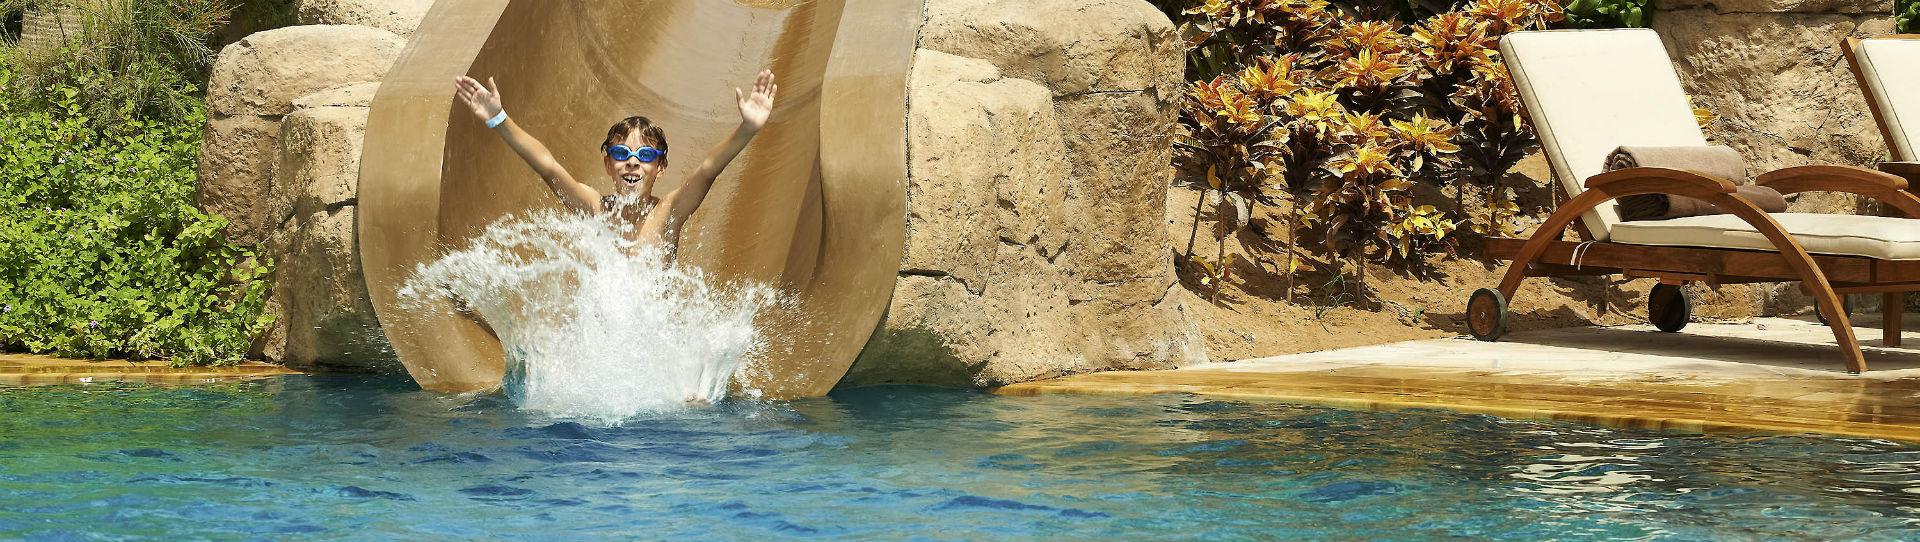 Sofitel The Palm, Dubai - child on slide